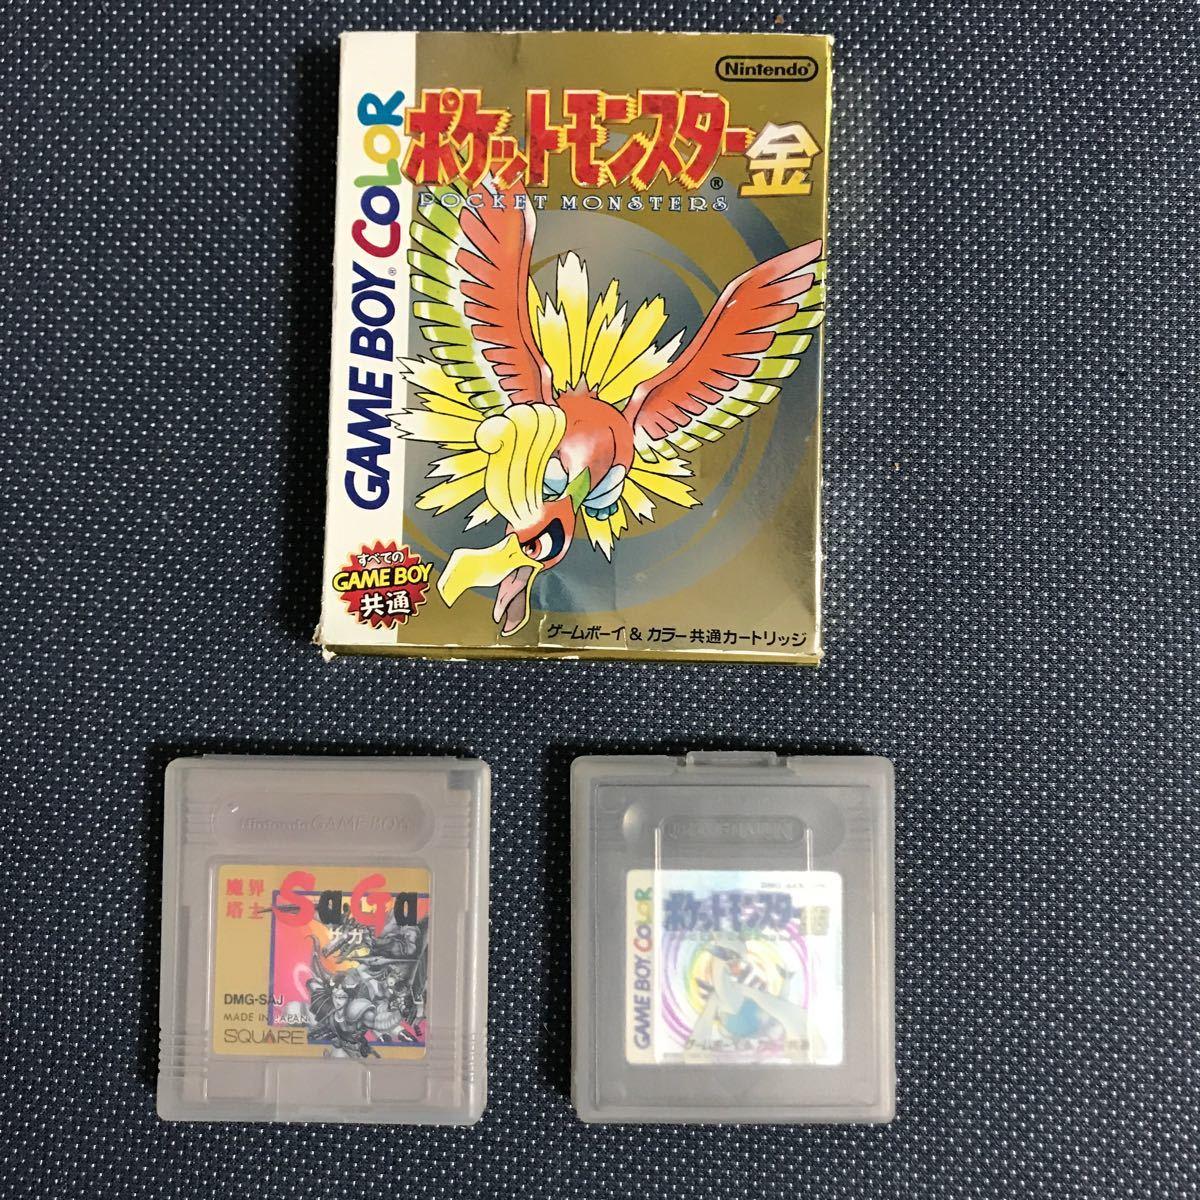 ゲームボーイカラーソフト 金 銀  ゲームボーイソフト 魔界塔士  サ・ガ 計3本セット